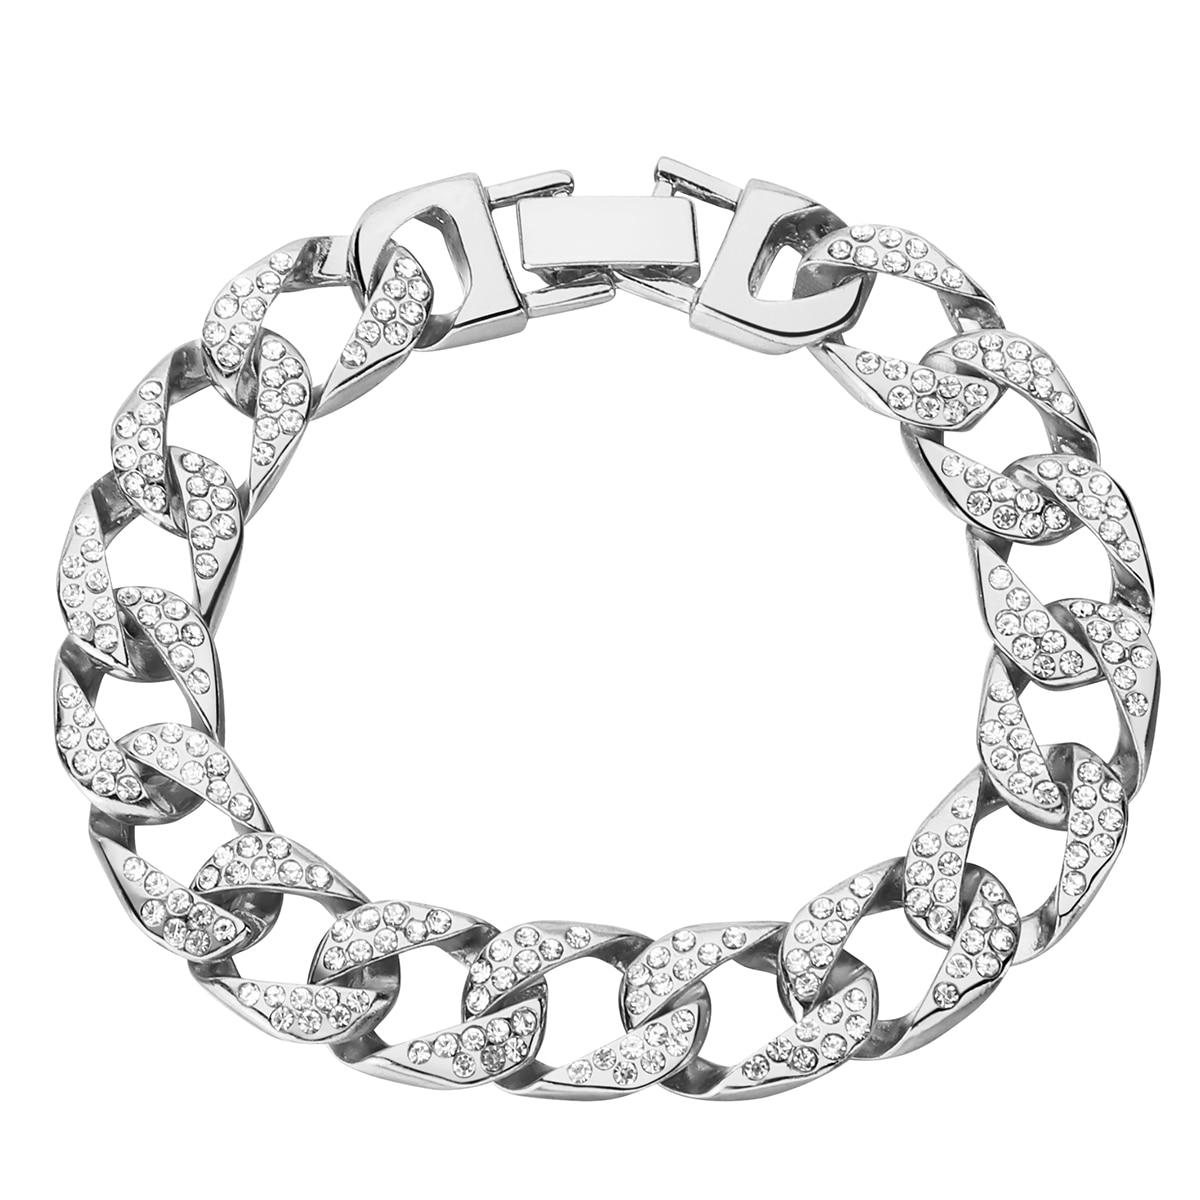 גברים צמיד קובני שרשרת קישור כסף מצופה אייס מתוך היפ הופ כבד צמידים & צמיד Pulseira Feminina תכשיטים